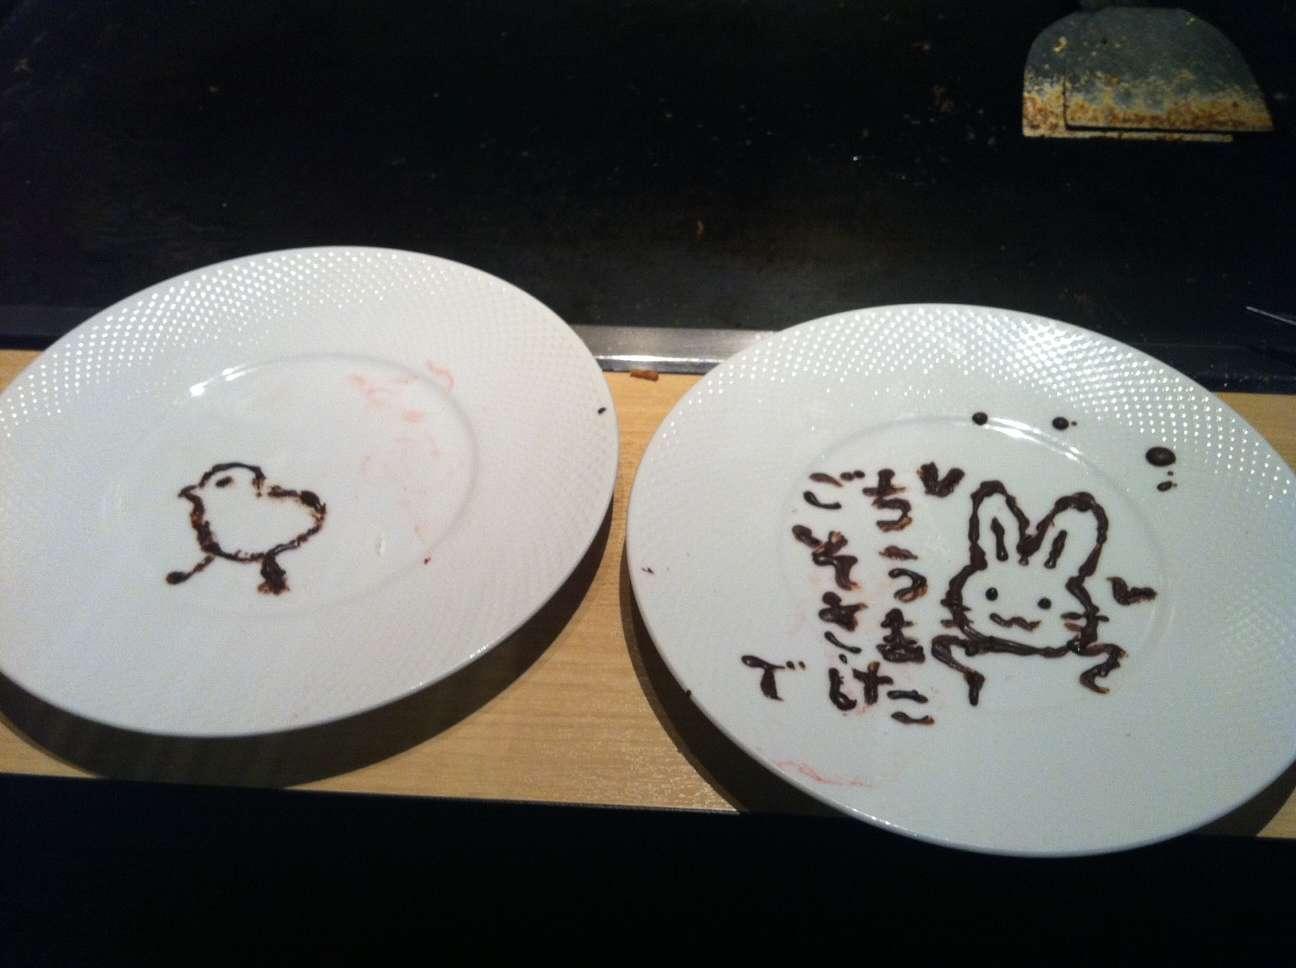 最近、日本の若者たちで流行している飲食店での「マナー」が非常識すぎる…